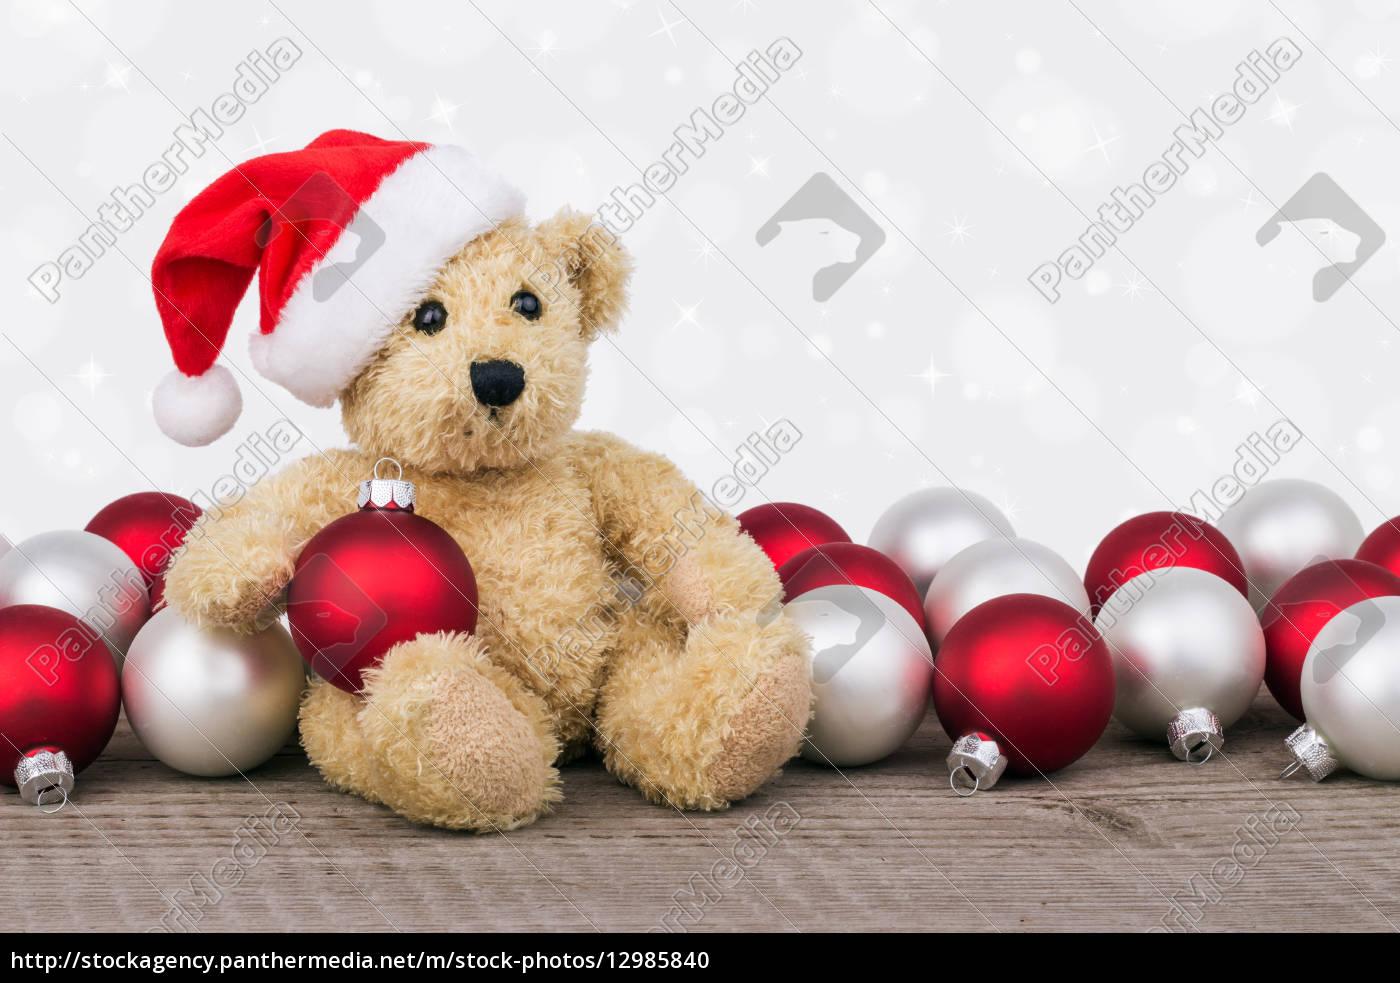 tiere, teddybär, weihnachtszeit, kinderspielzeug, spielsachen, christmas - 12985840